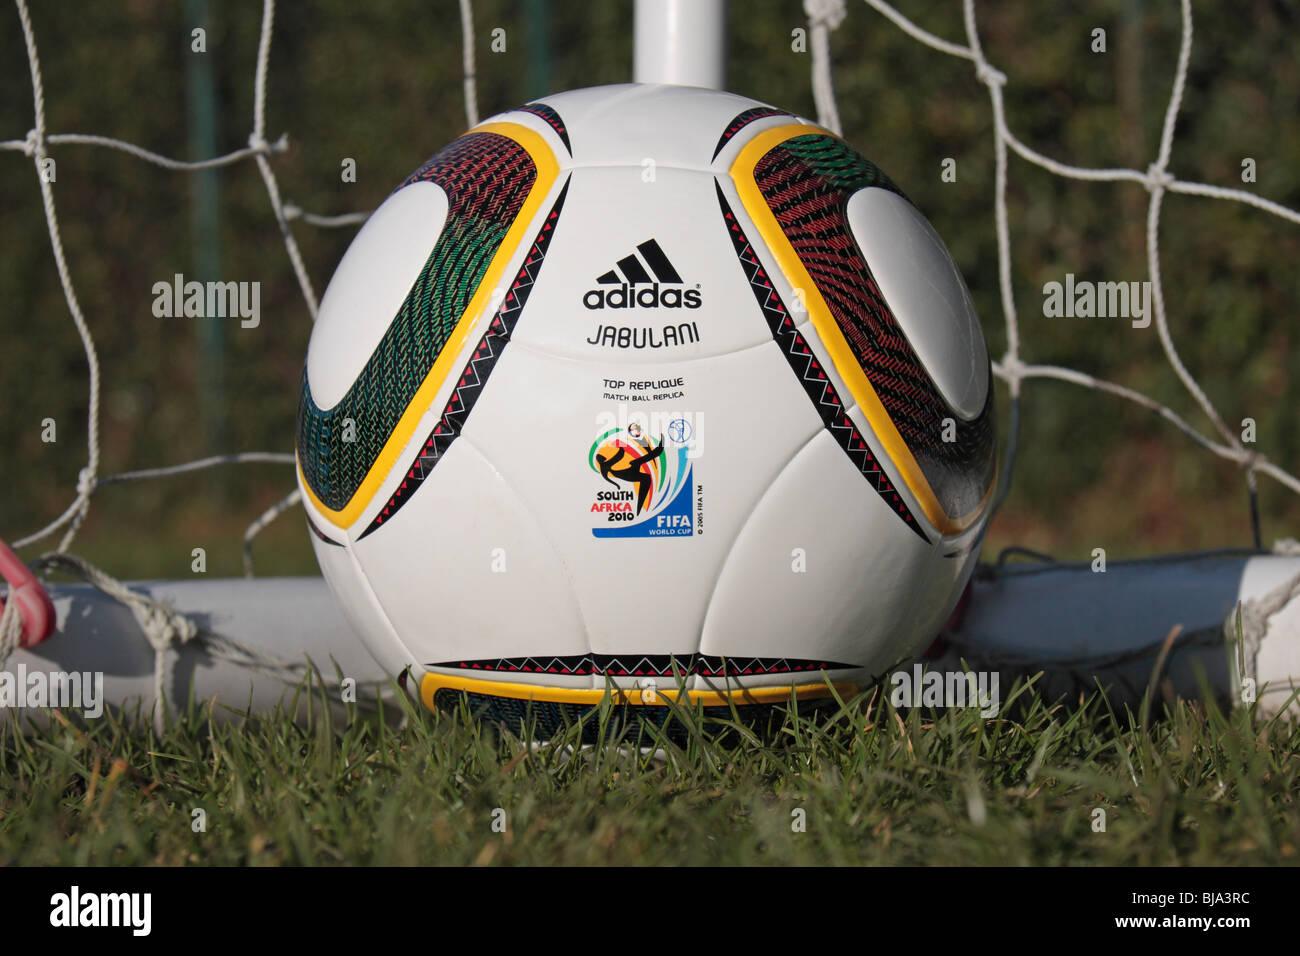 Die Fifa Wm 2010 Replica Spielball Von Adidas Jabulani In Der Ecke